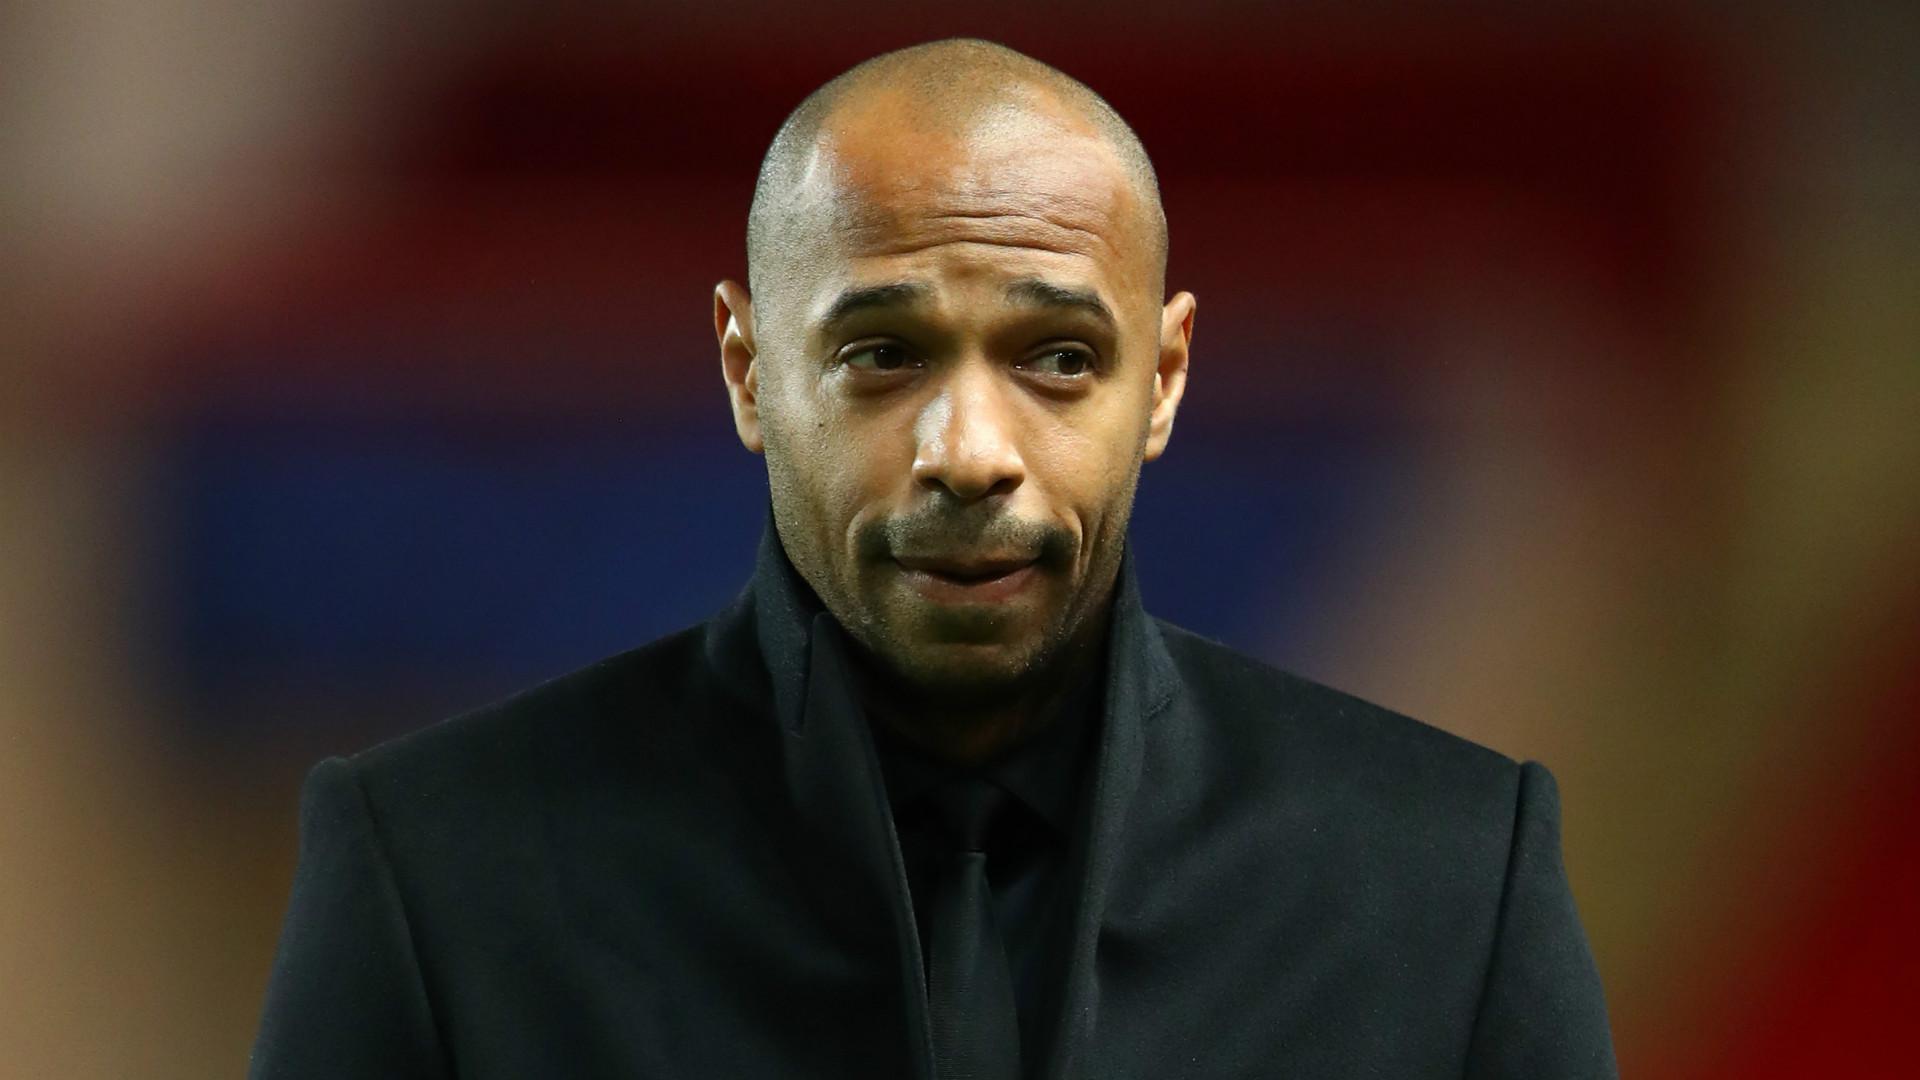 Thierry Henry Monaco 2018-19